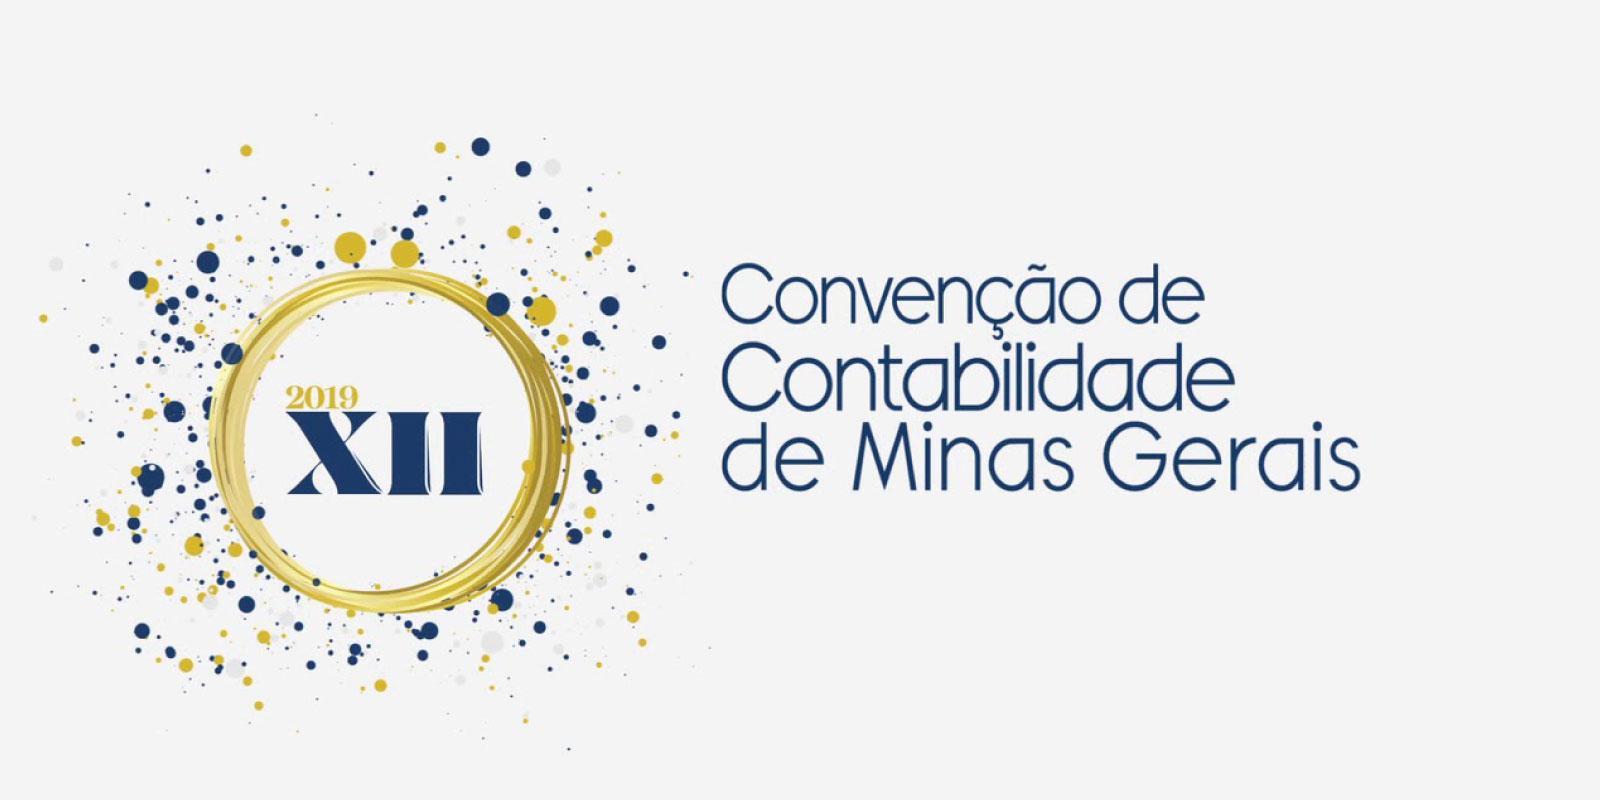 XII Convenção de Contabilidade de Minas Gerais de 5 a 7 de junho.